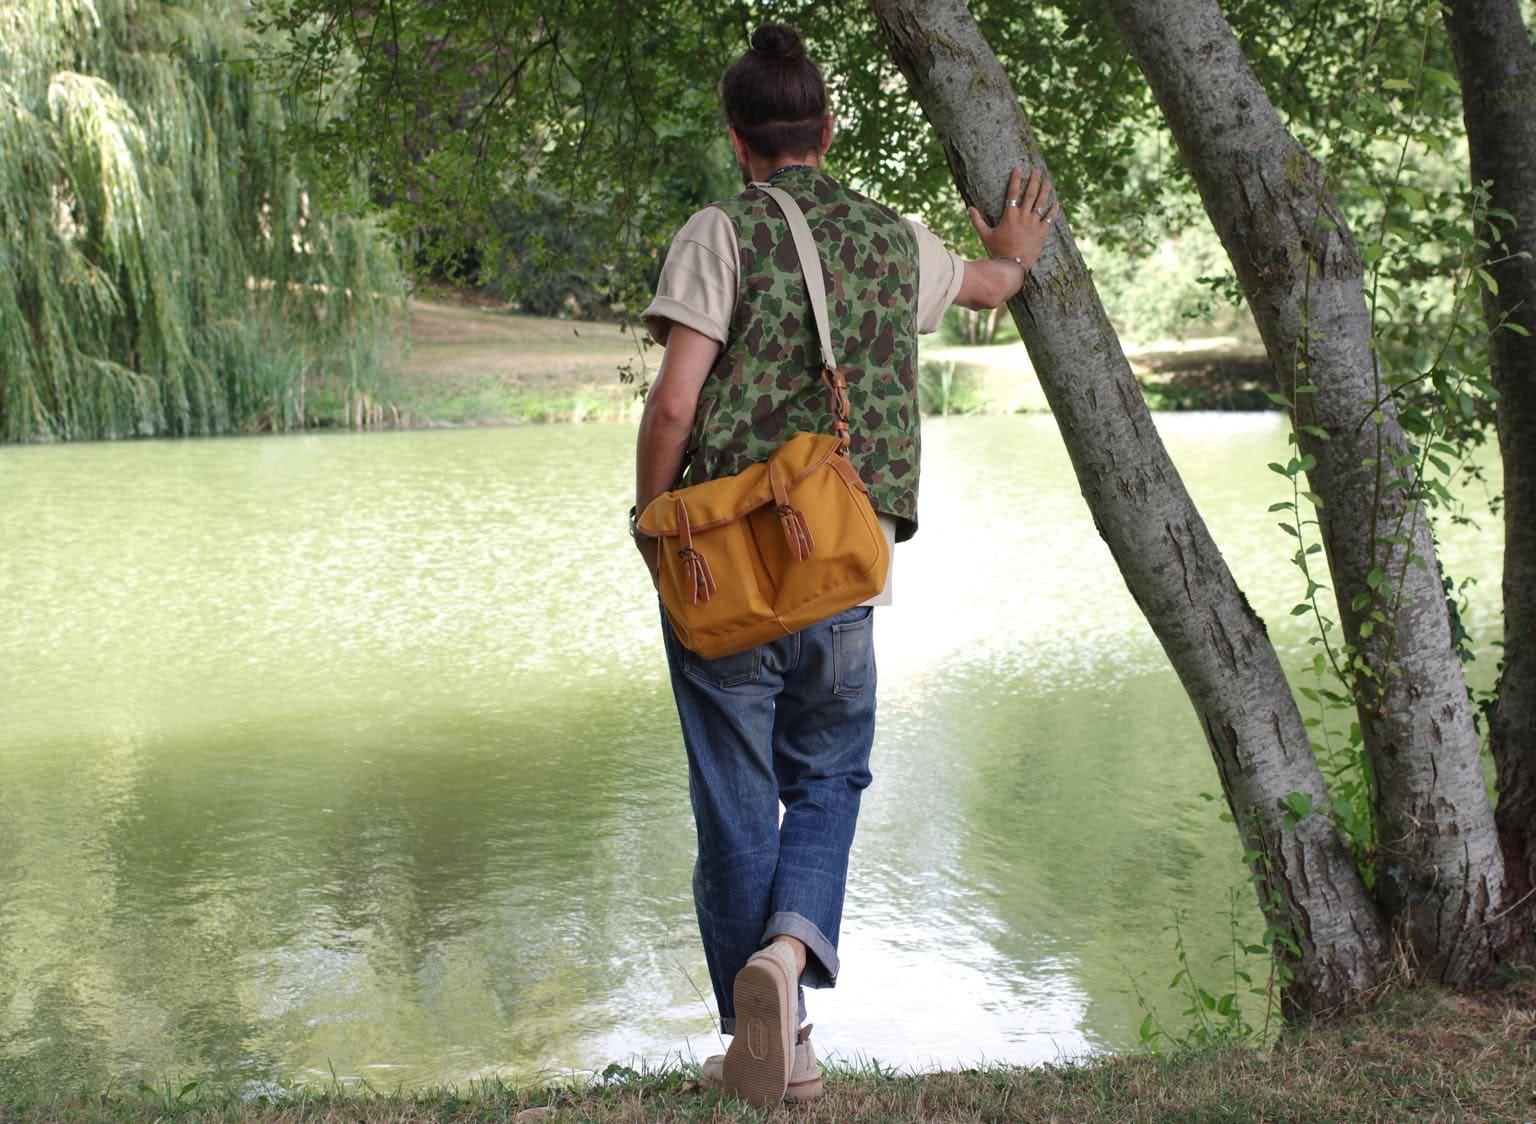 ide tenue workwear homme hinting vest Arashi denim gilet de chasse yuketen ring moc et musette du pêcheur bleu de chauffe